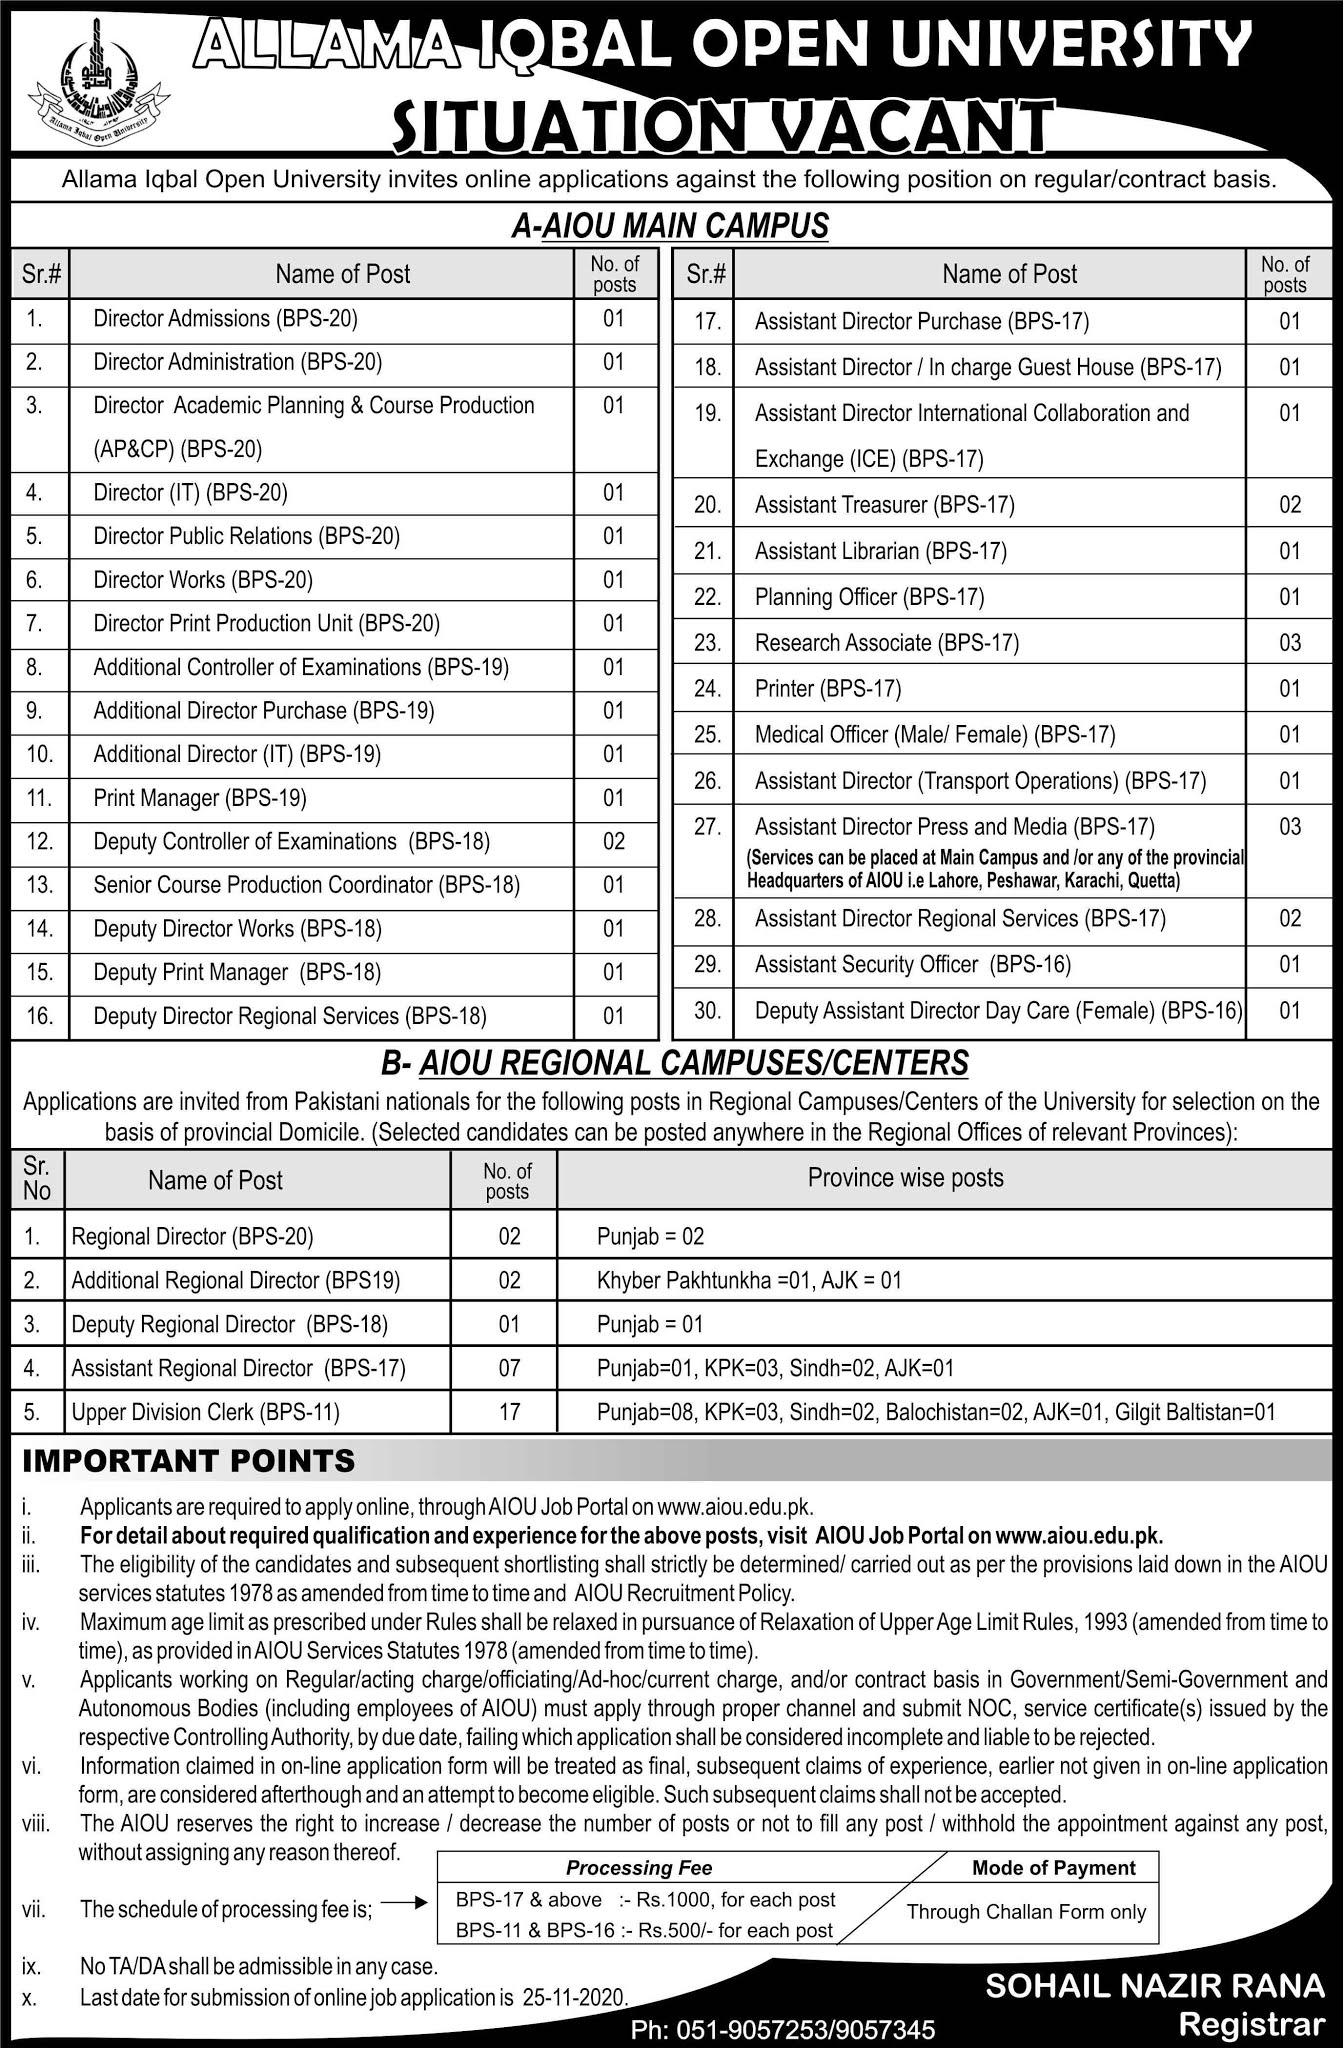 Allama Iqbal Open University AIOU Jobs 2020